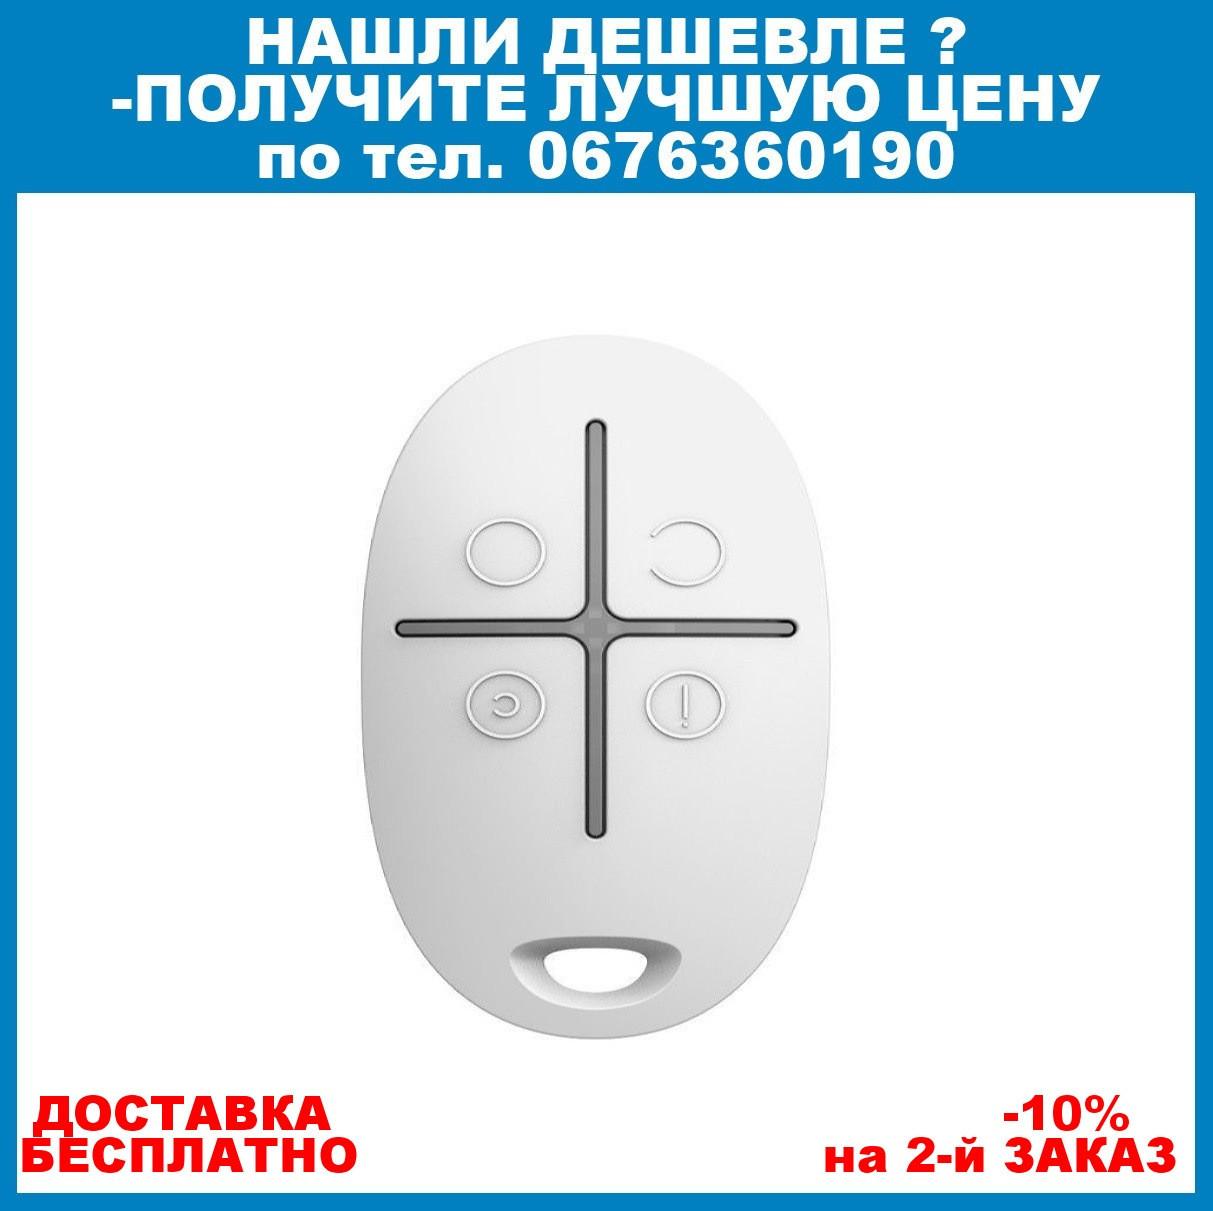 Брелок для управления охранной системой Ajax SpaceControl белый